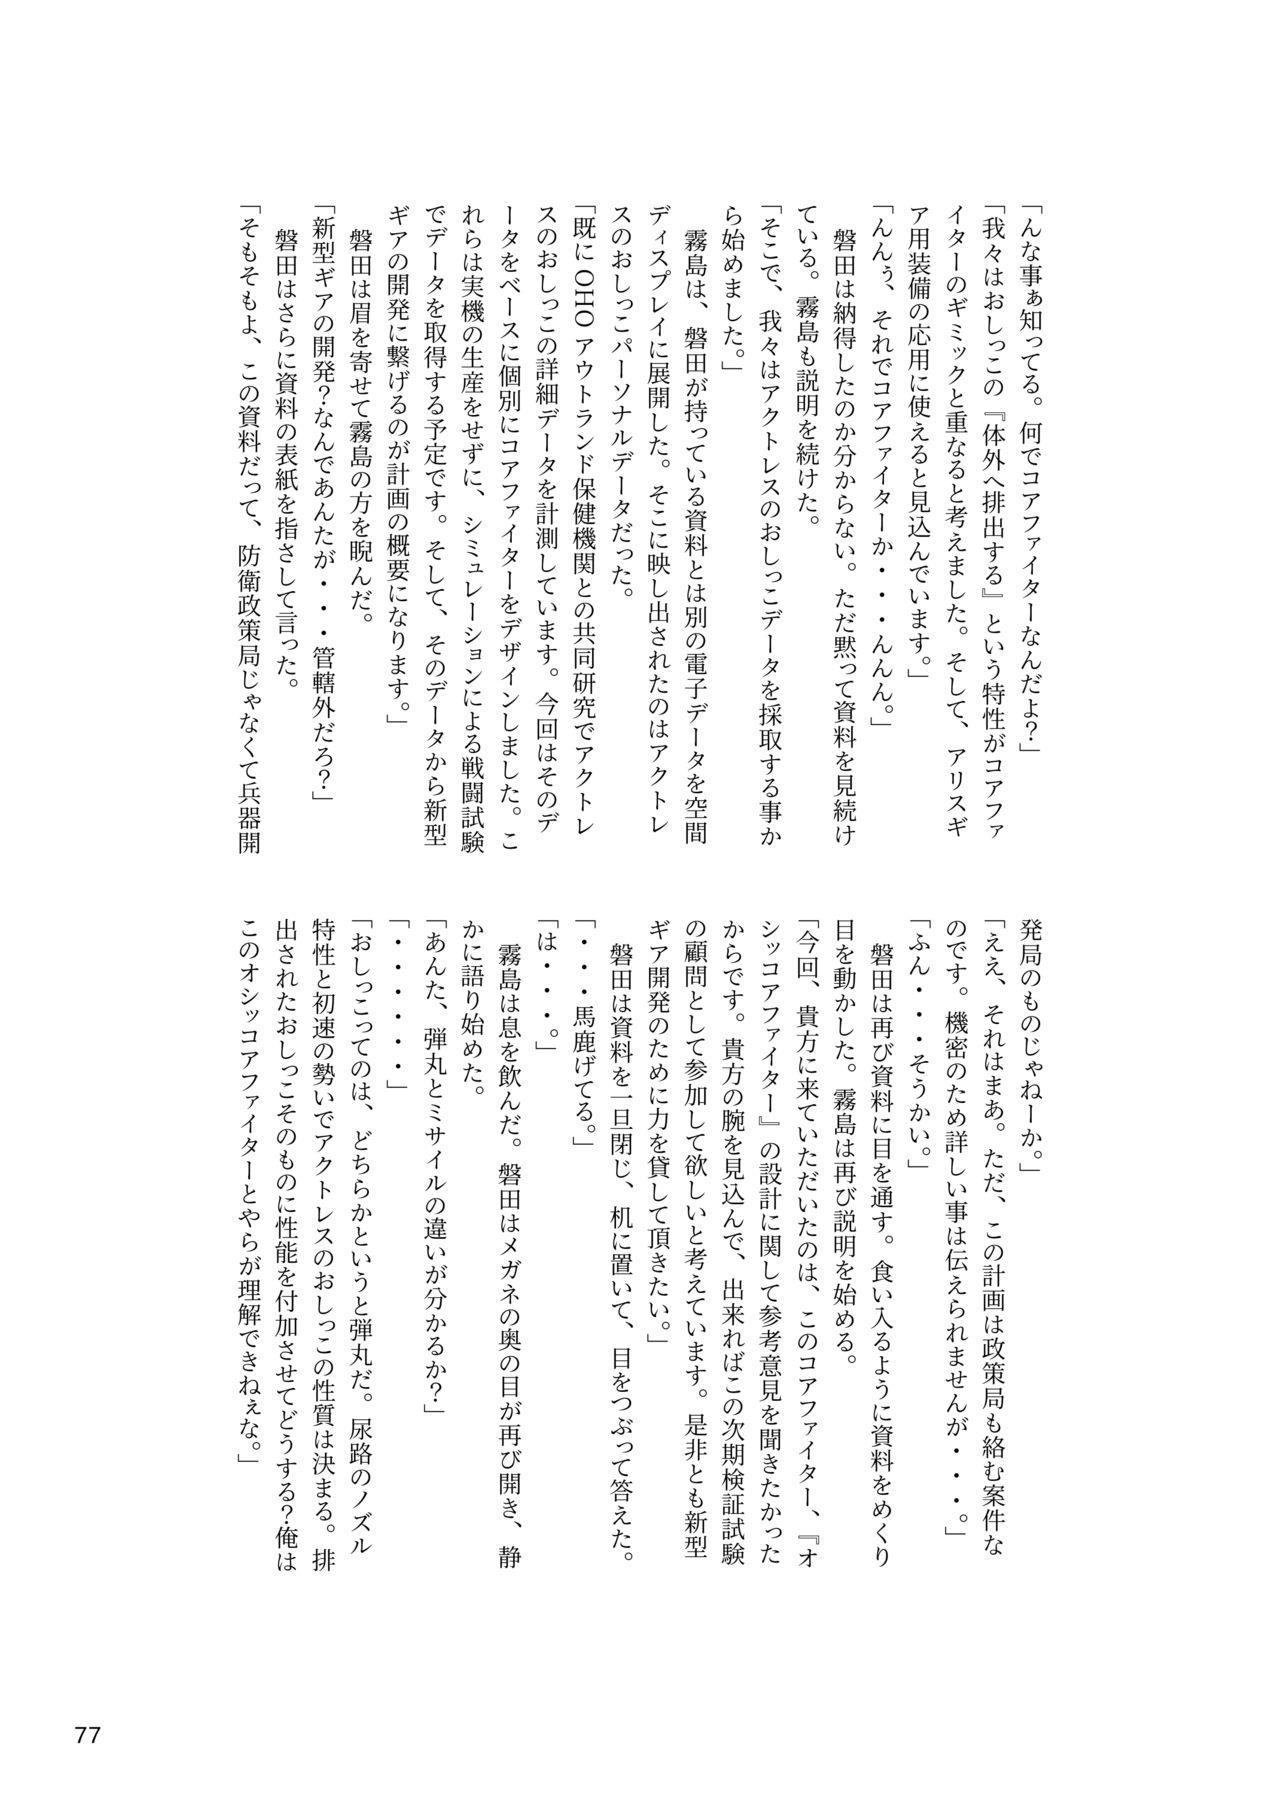 ア○スギア総合スカトロアンソロジー アクトレス排泄実態調査任務~スカポためるっすか!?~ 76